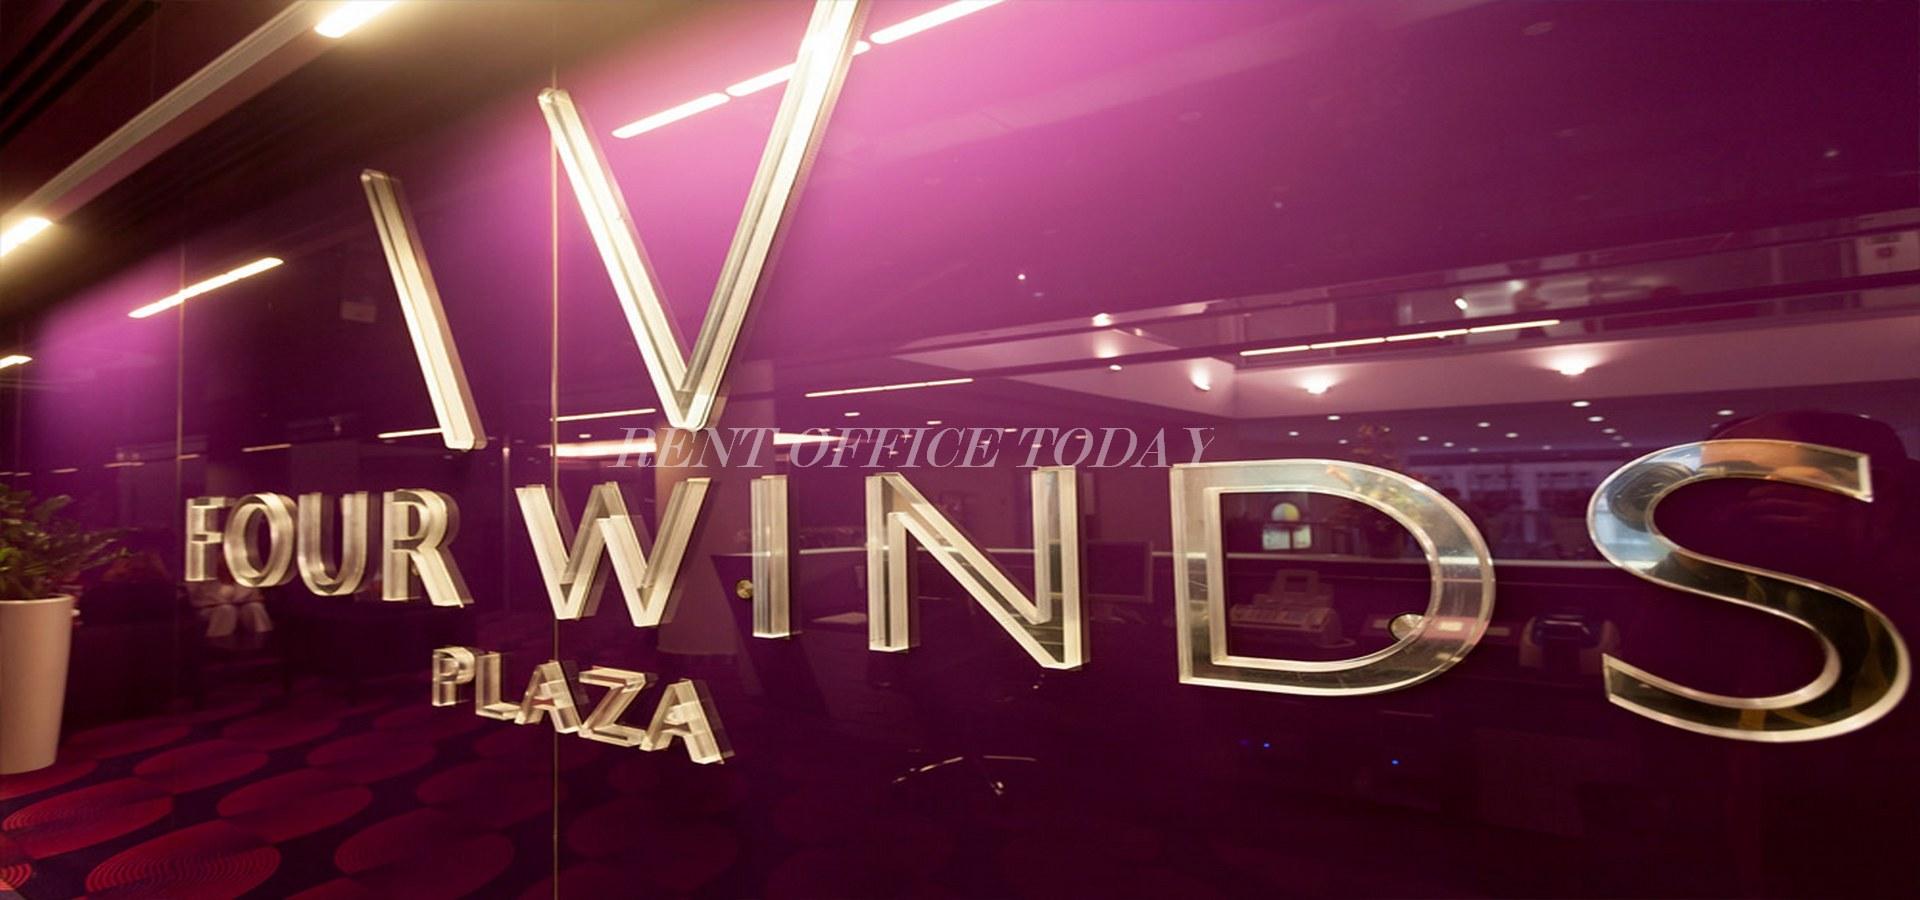 4 Winds plaza